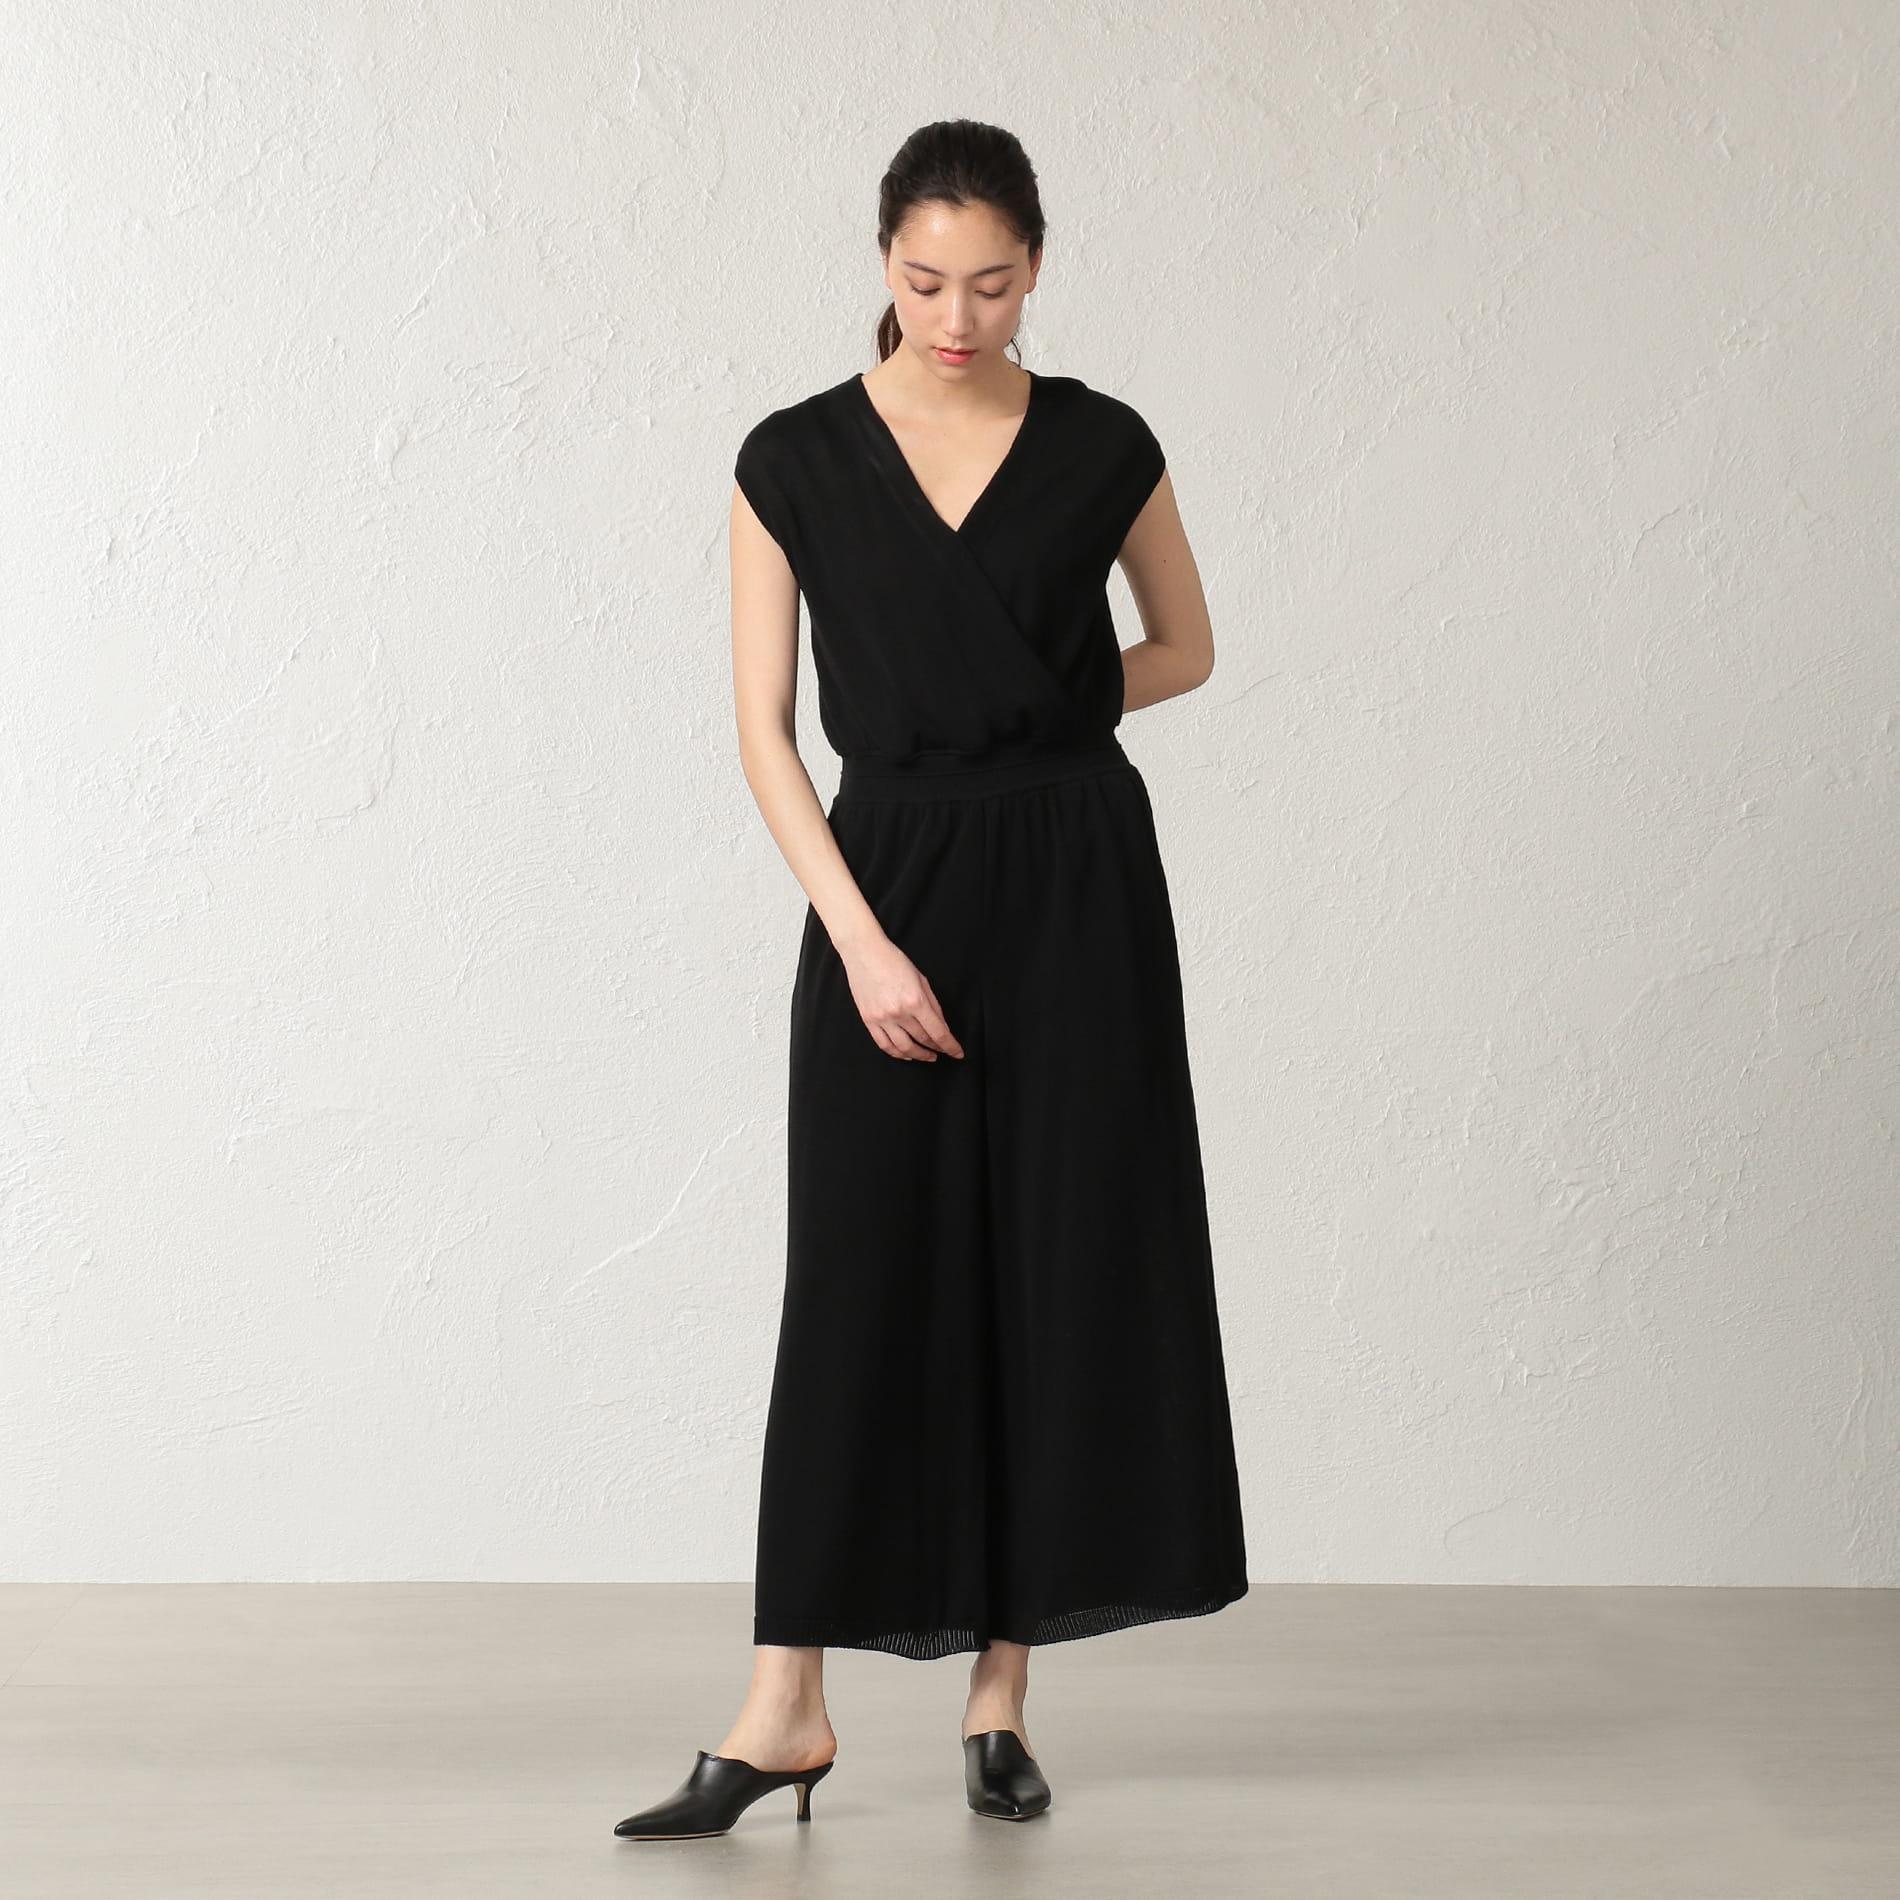 【店舗限定】【 LA MAGLIA IN CASA】 ジャンプスーツニットドレス